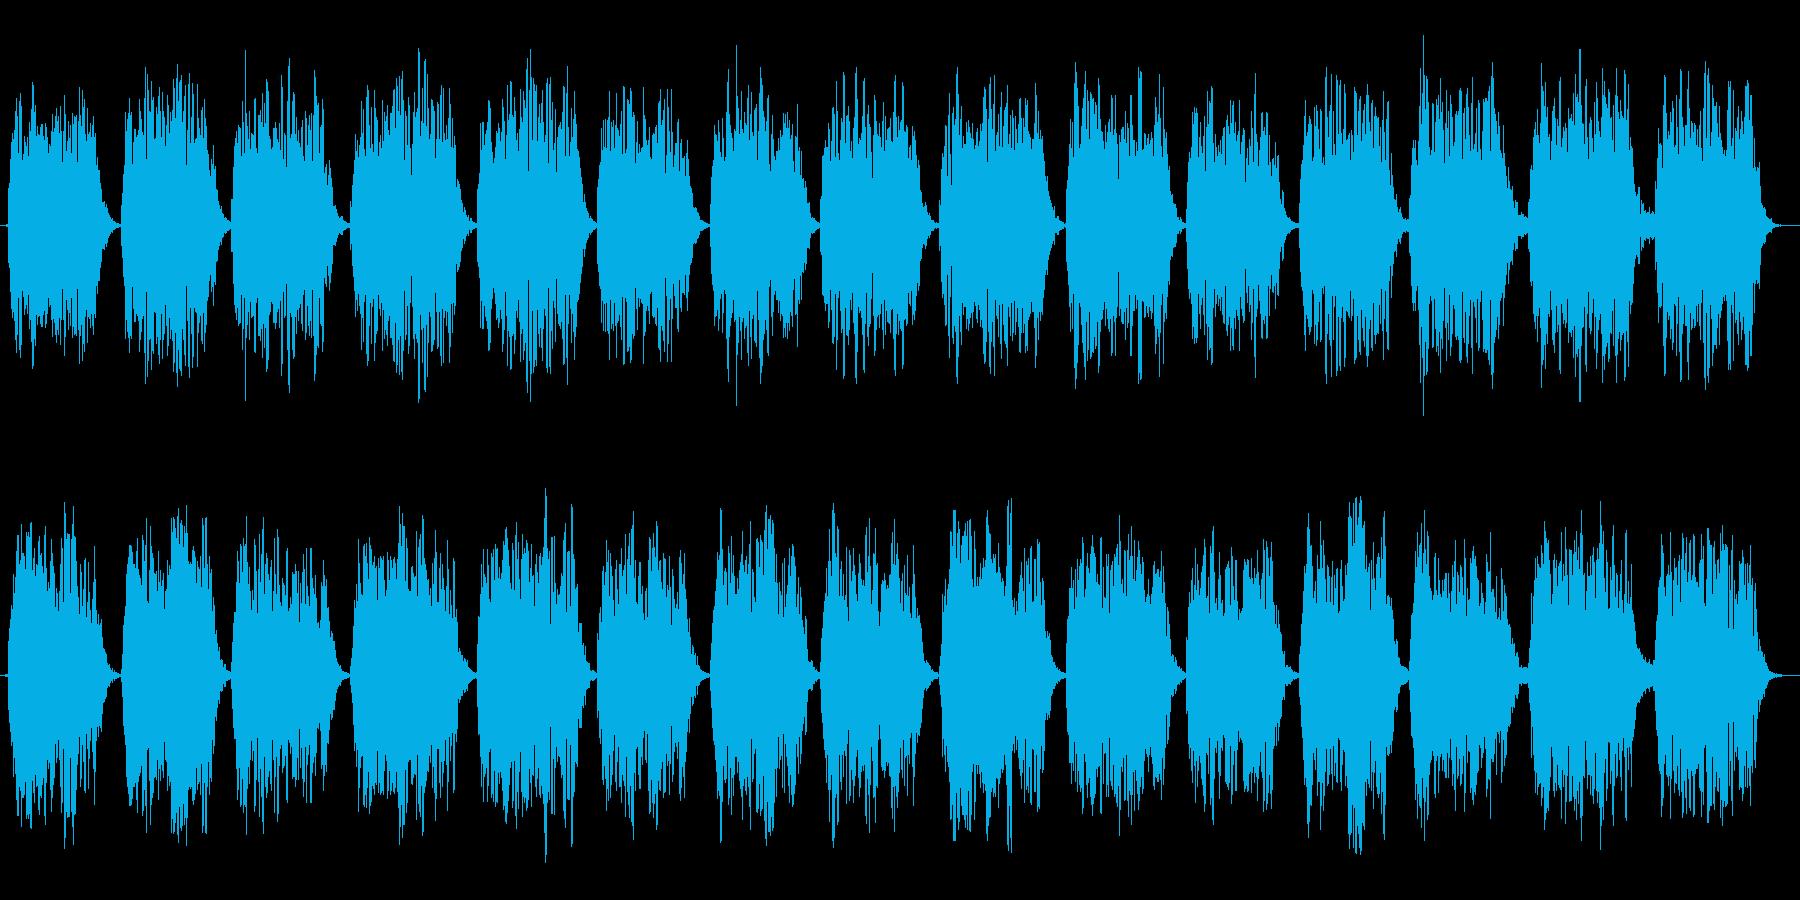 第六のチャクラ瞑想をA(ラ)の音での再生済みの波形